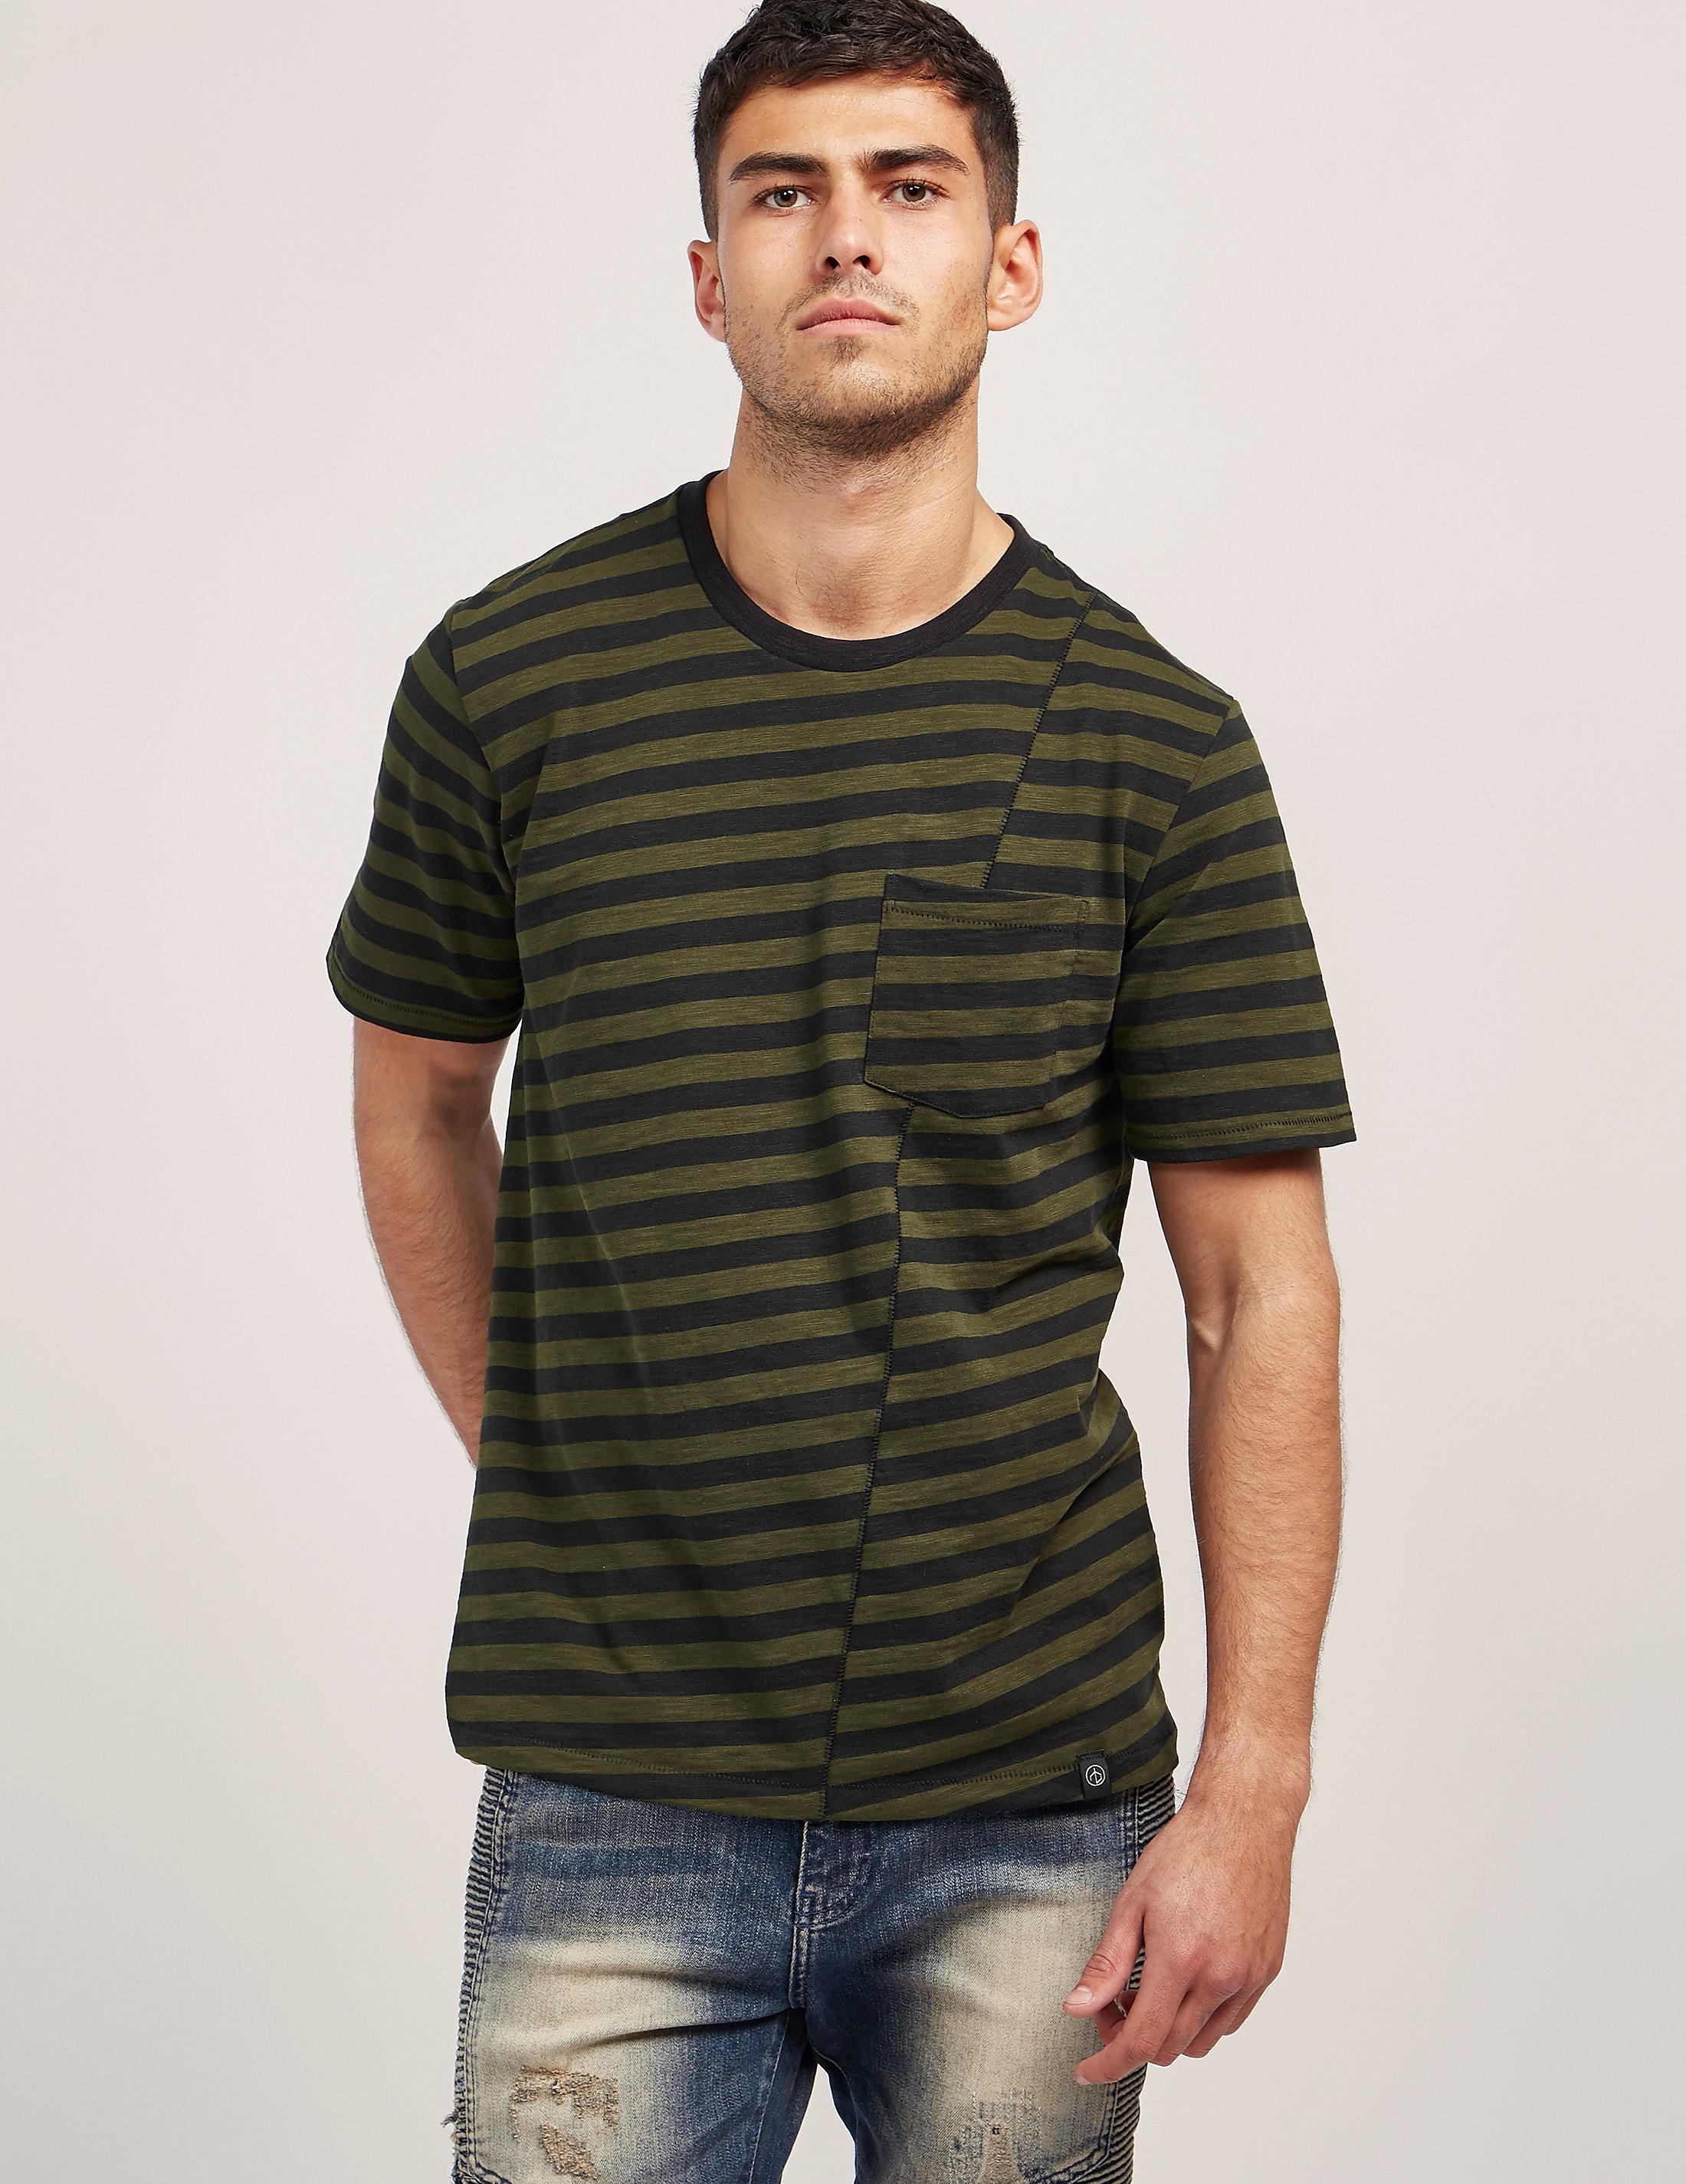 Rag & Bone Stripe Pocket Short Sleeve T-Shirt